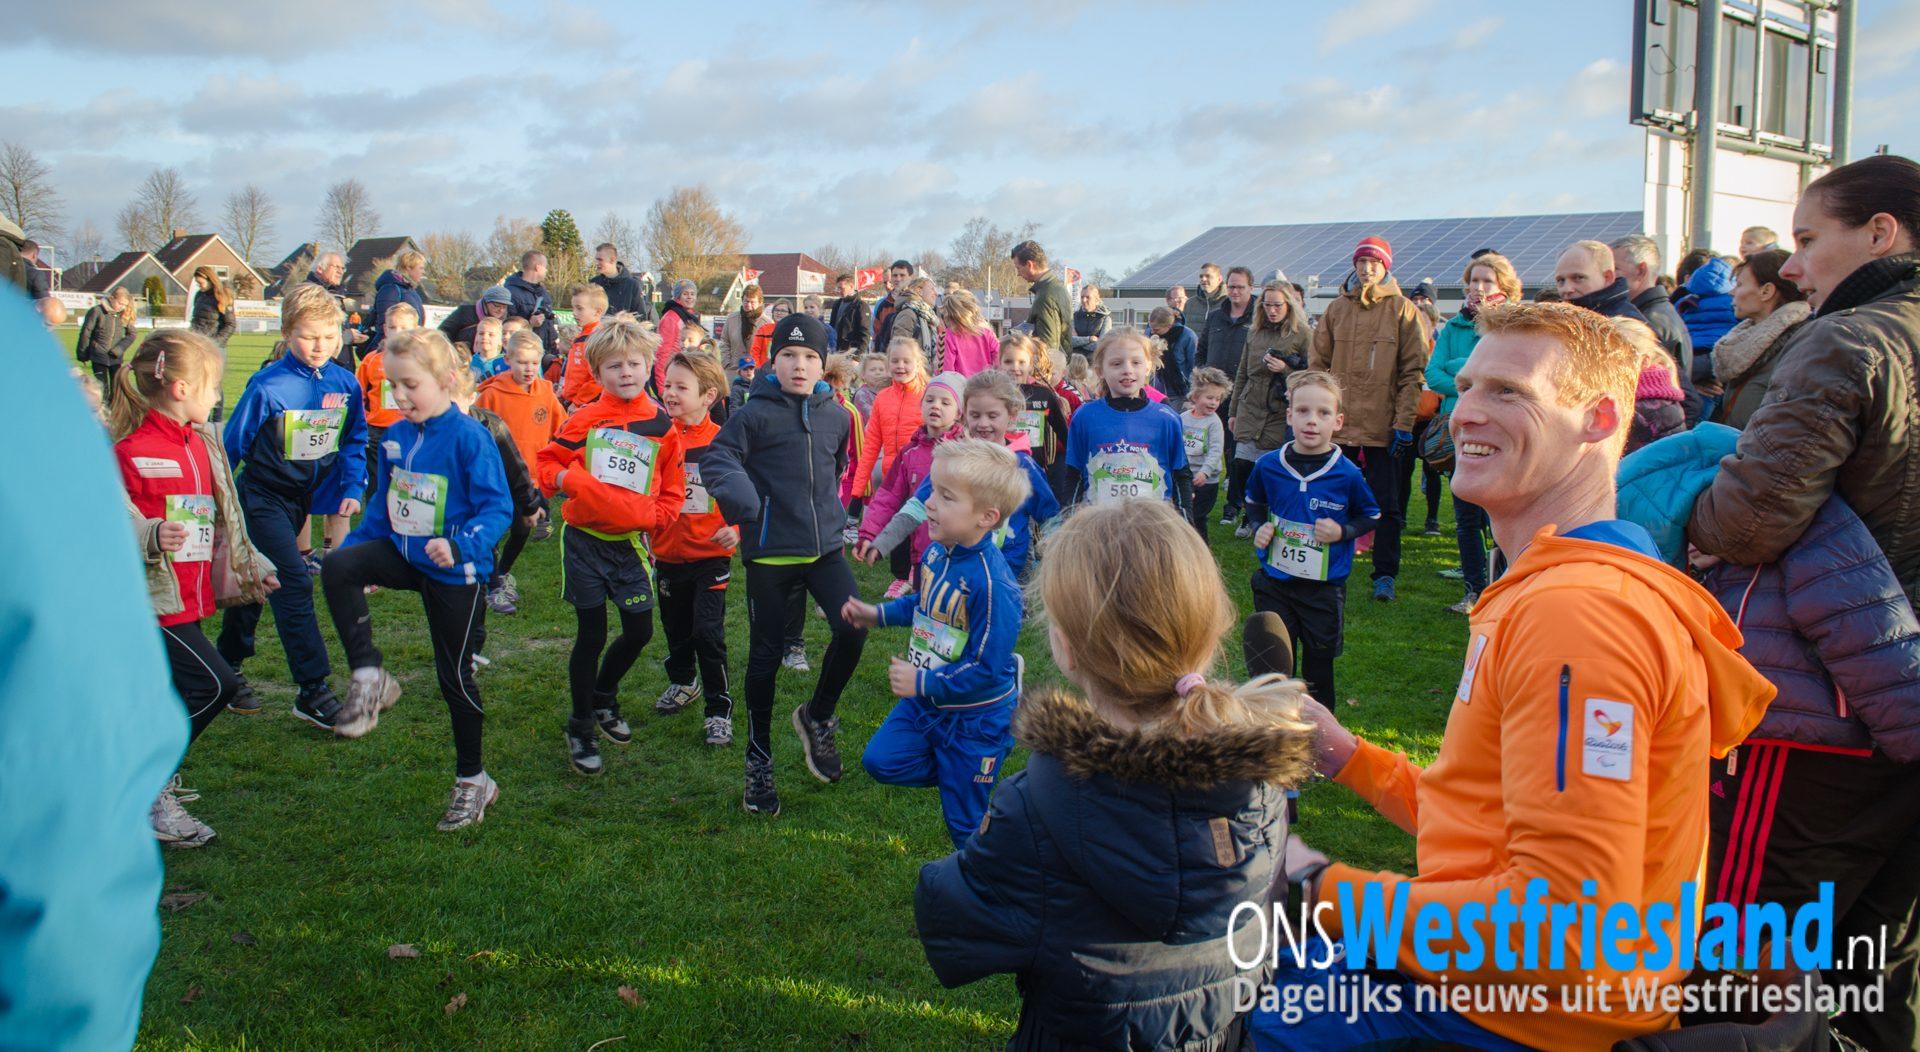 Uitslagen, foto's en video's van een geslaagde Kerstcross Opmeer 2016